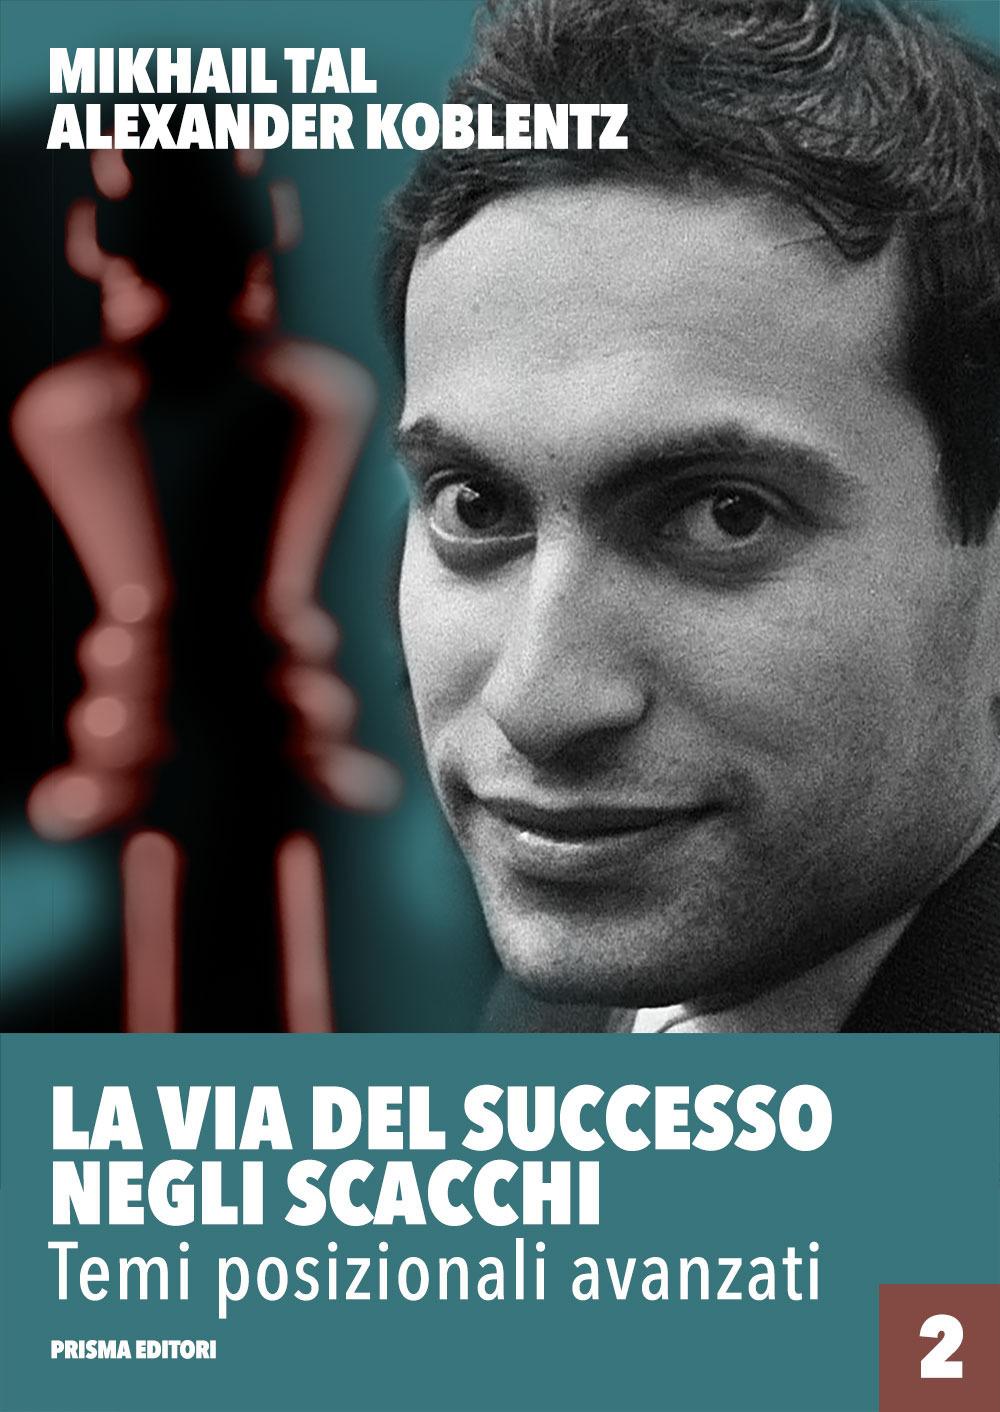 Image of La via del successo negli scacchi. Vol. 2: Temi posizionali avanzati.